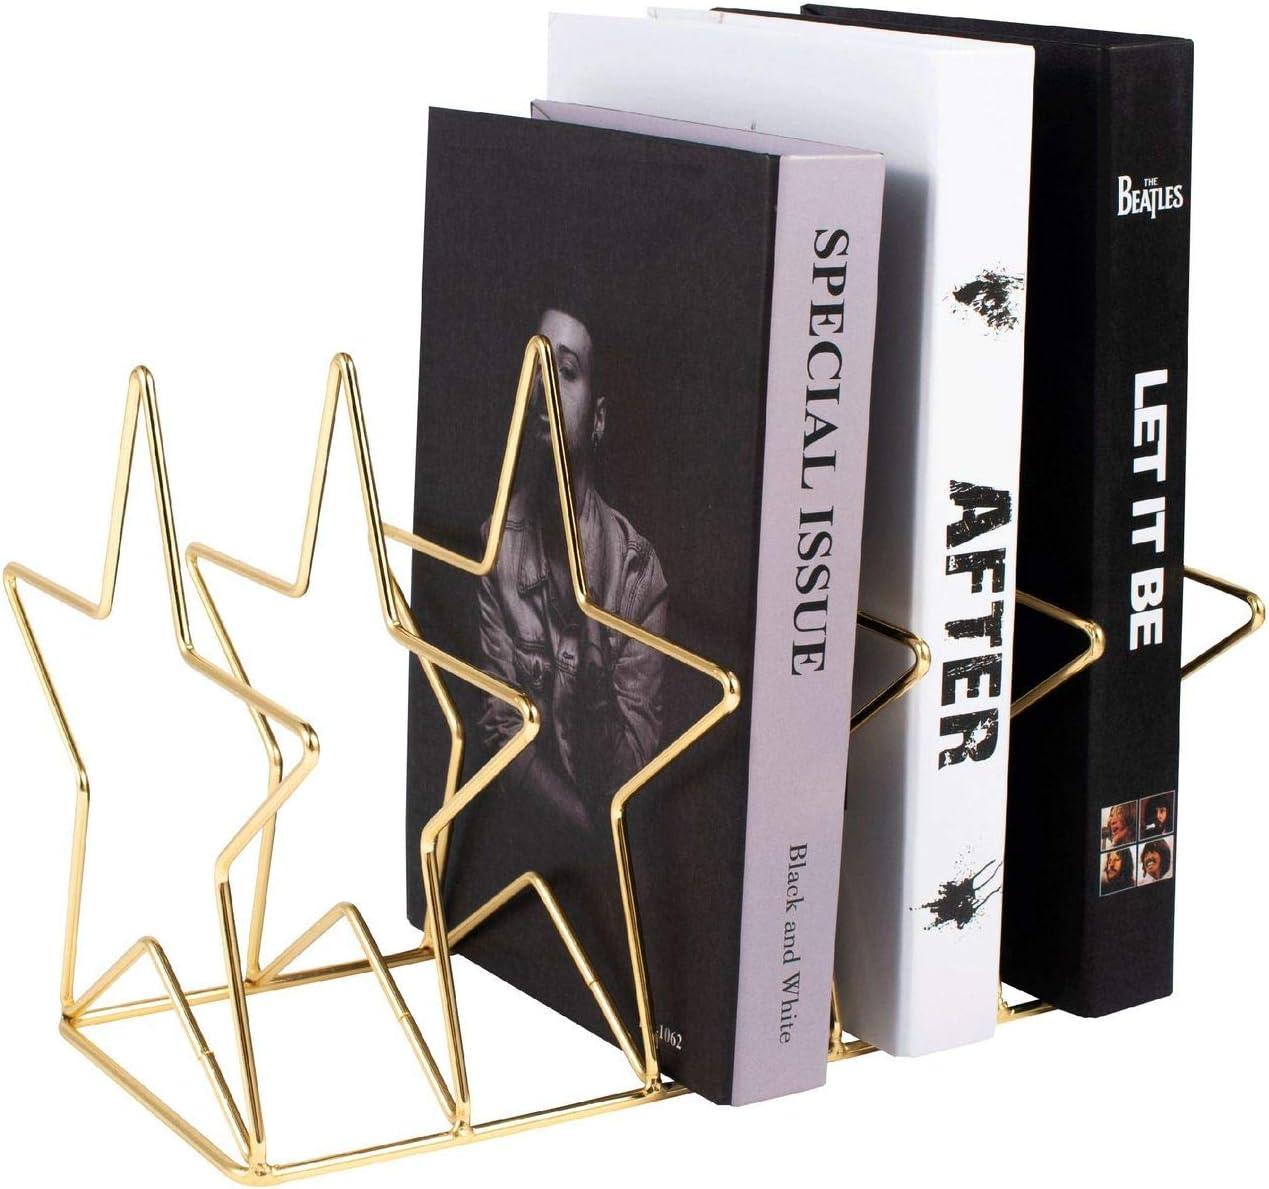 Zodaca Glossy Gold Magazine Holder, 5 Slots File Sorter, Desk Organizer, Star 10.3x6.9x7.1